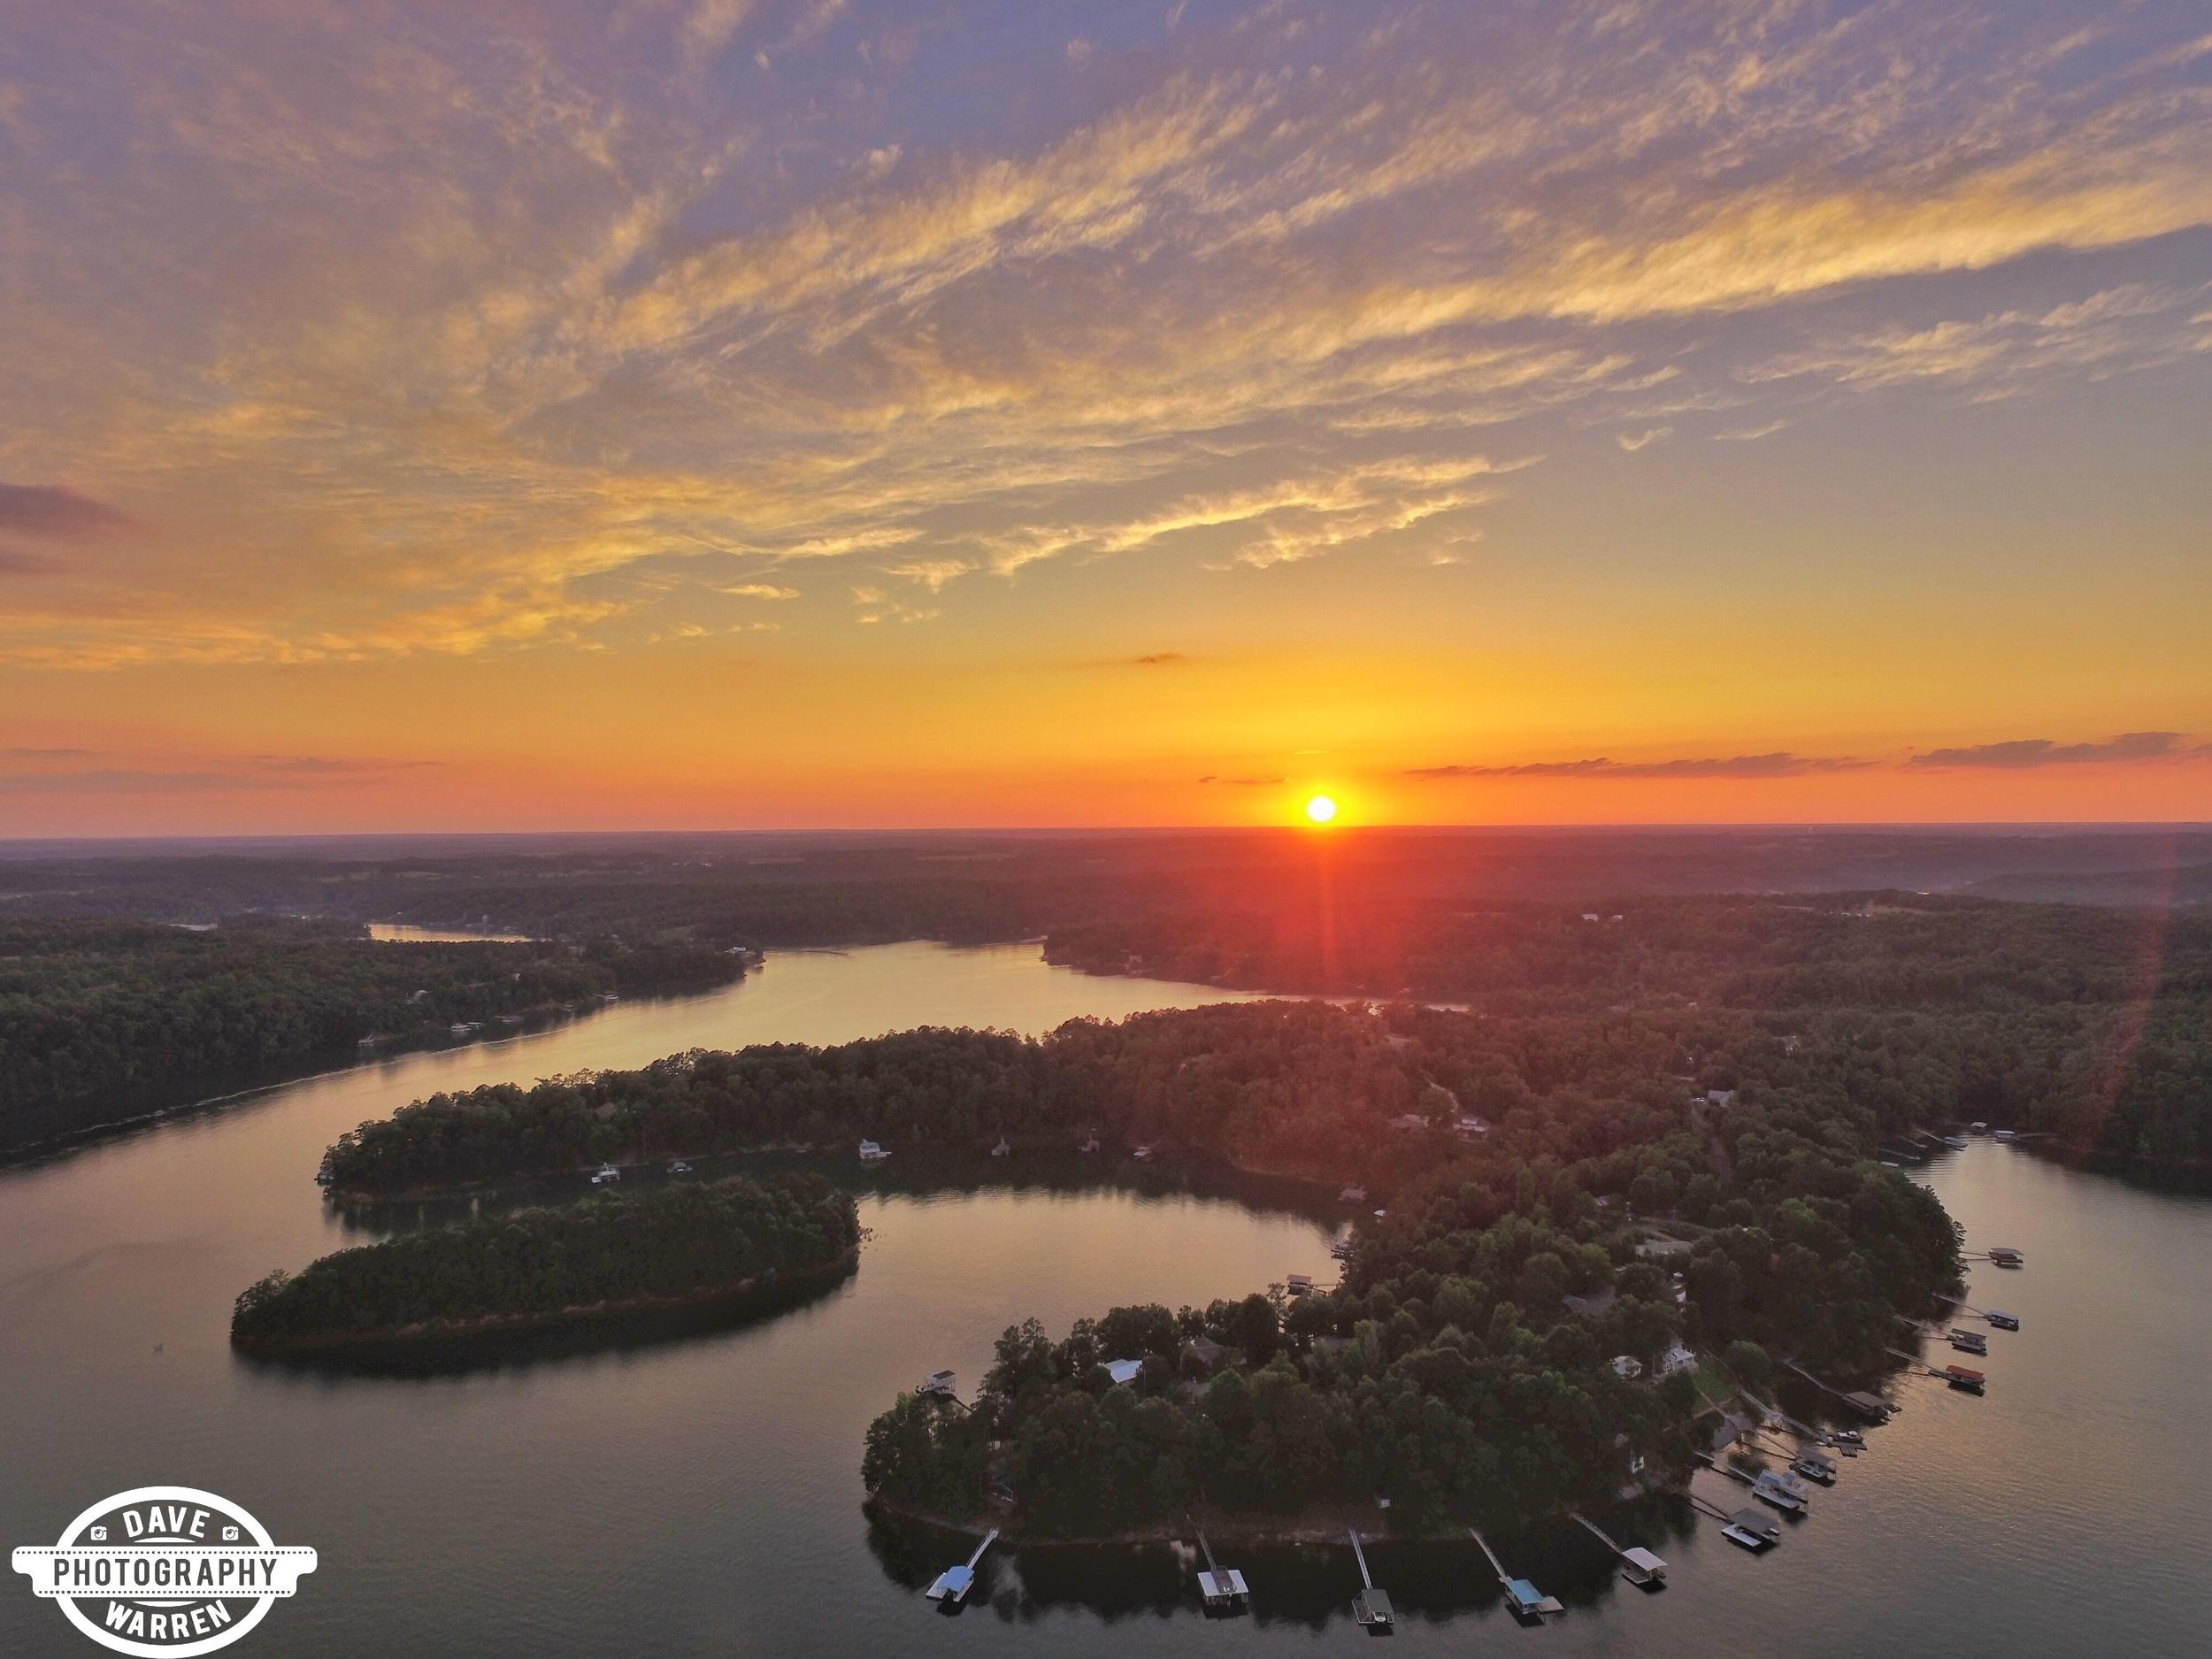 Sunset on Smith Lake